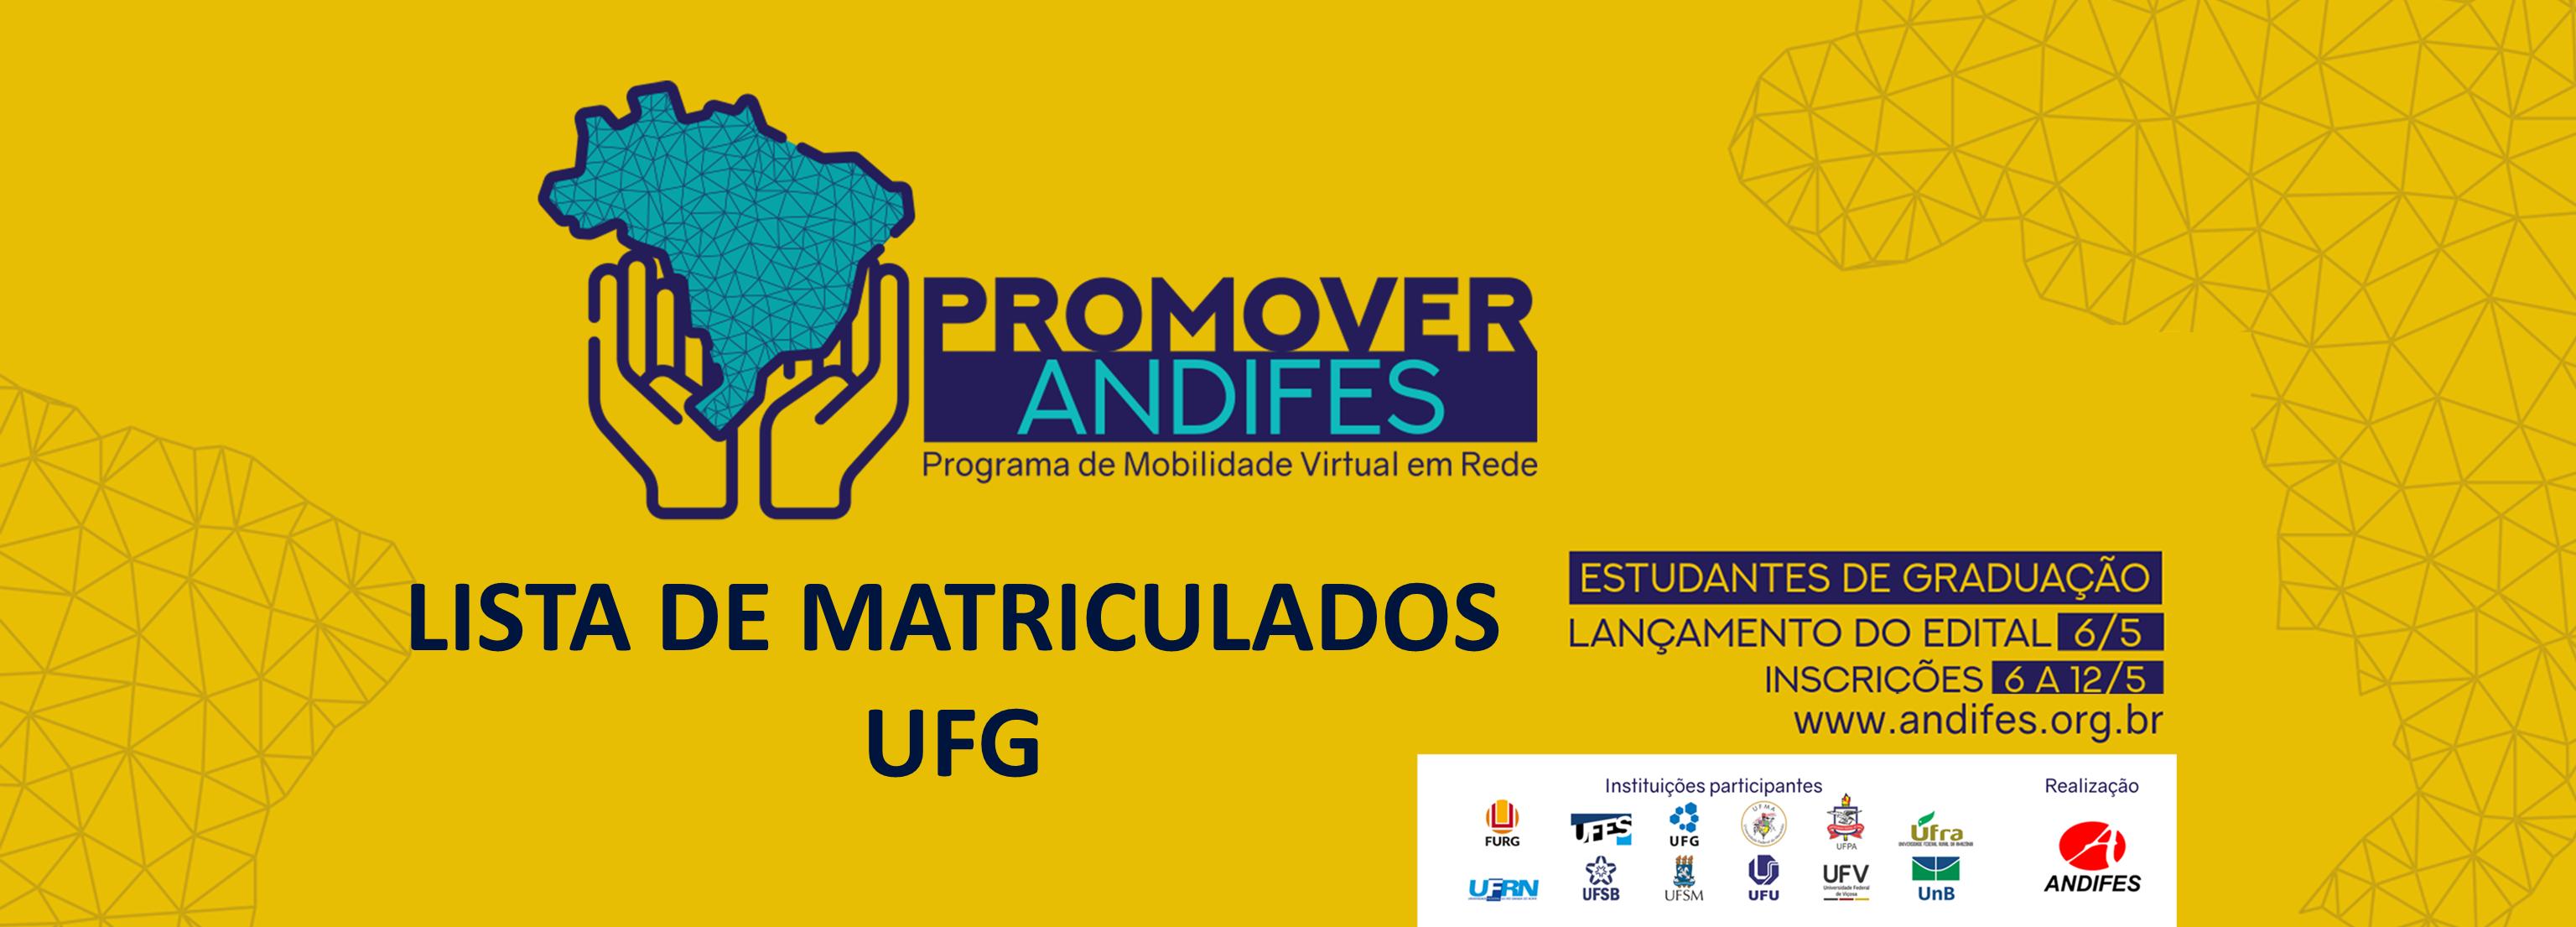 PROMOVER ANDIFES resultados UFG